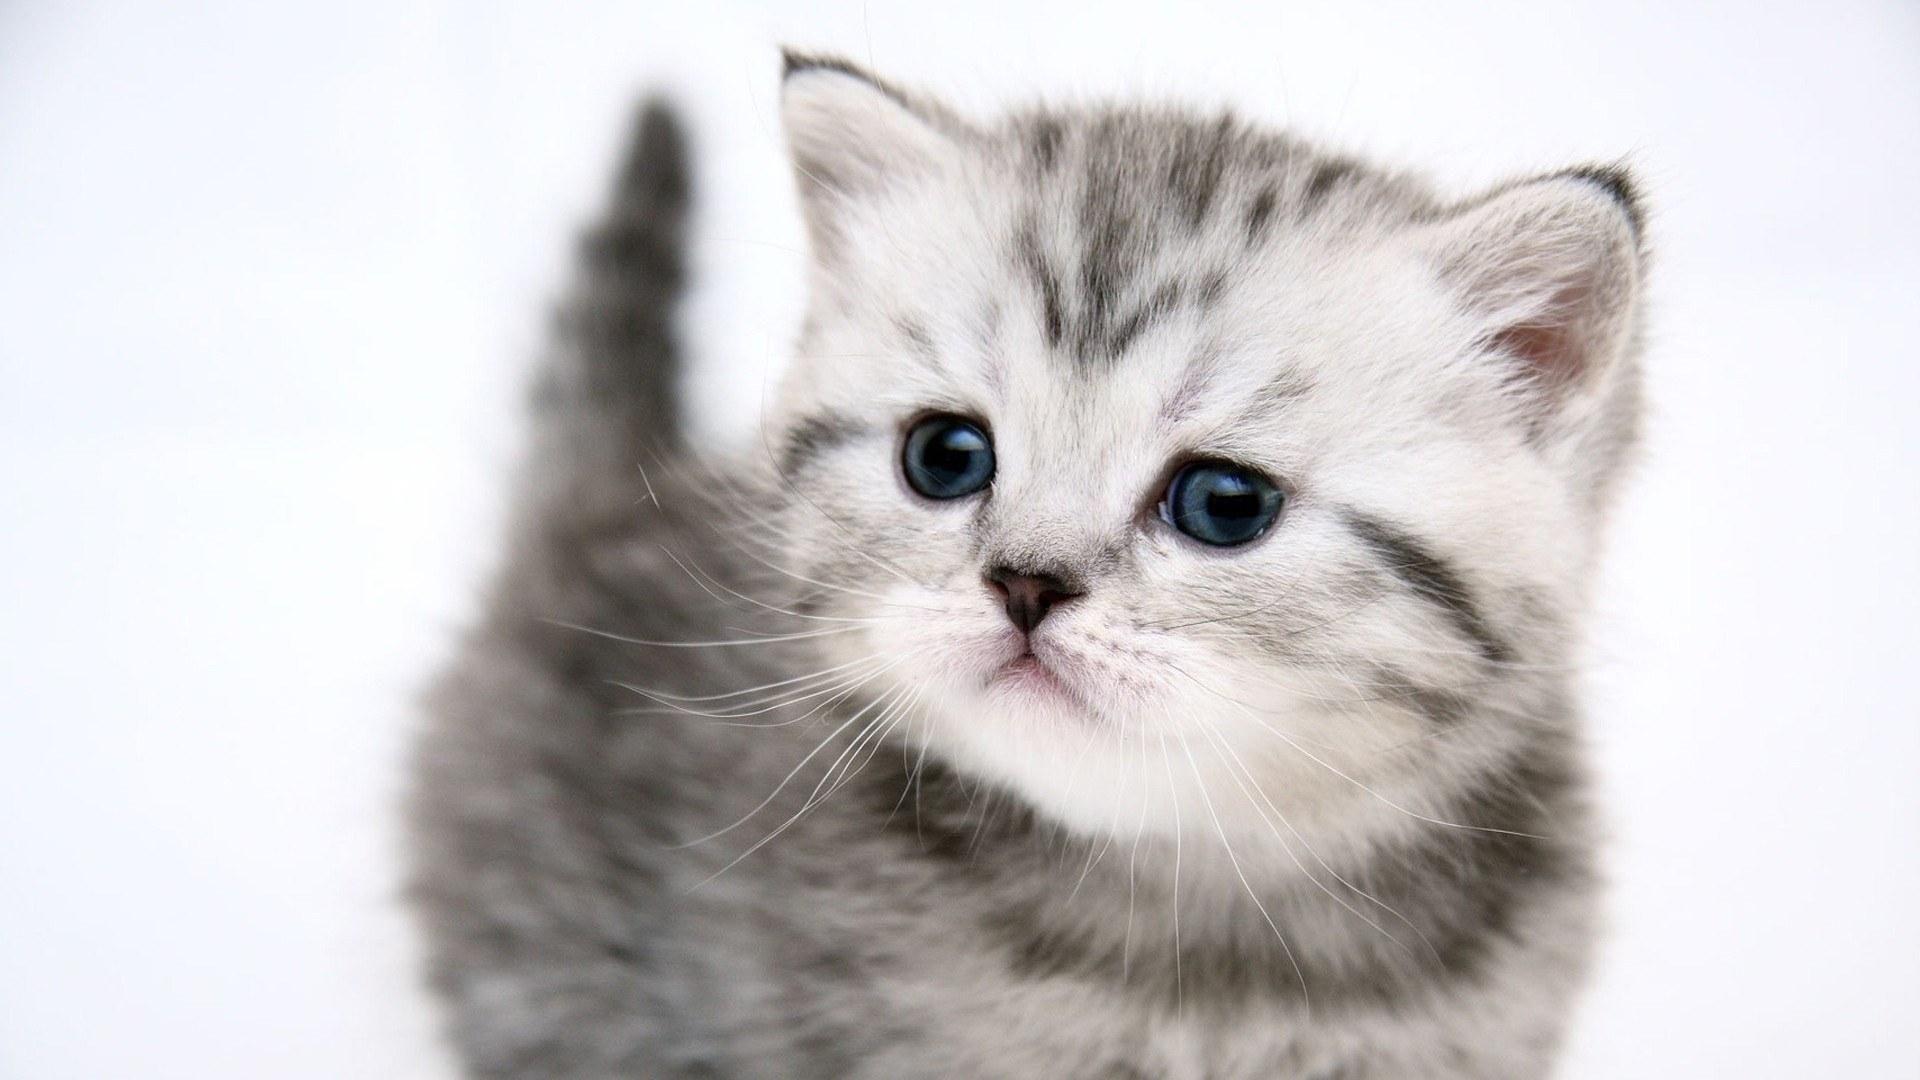 Wallpaper For Desktop Kittens 1